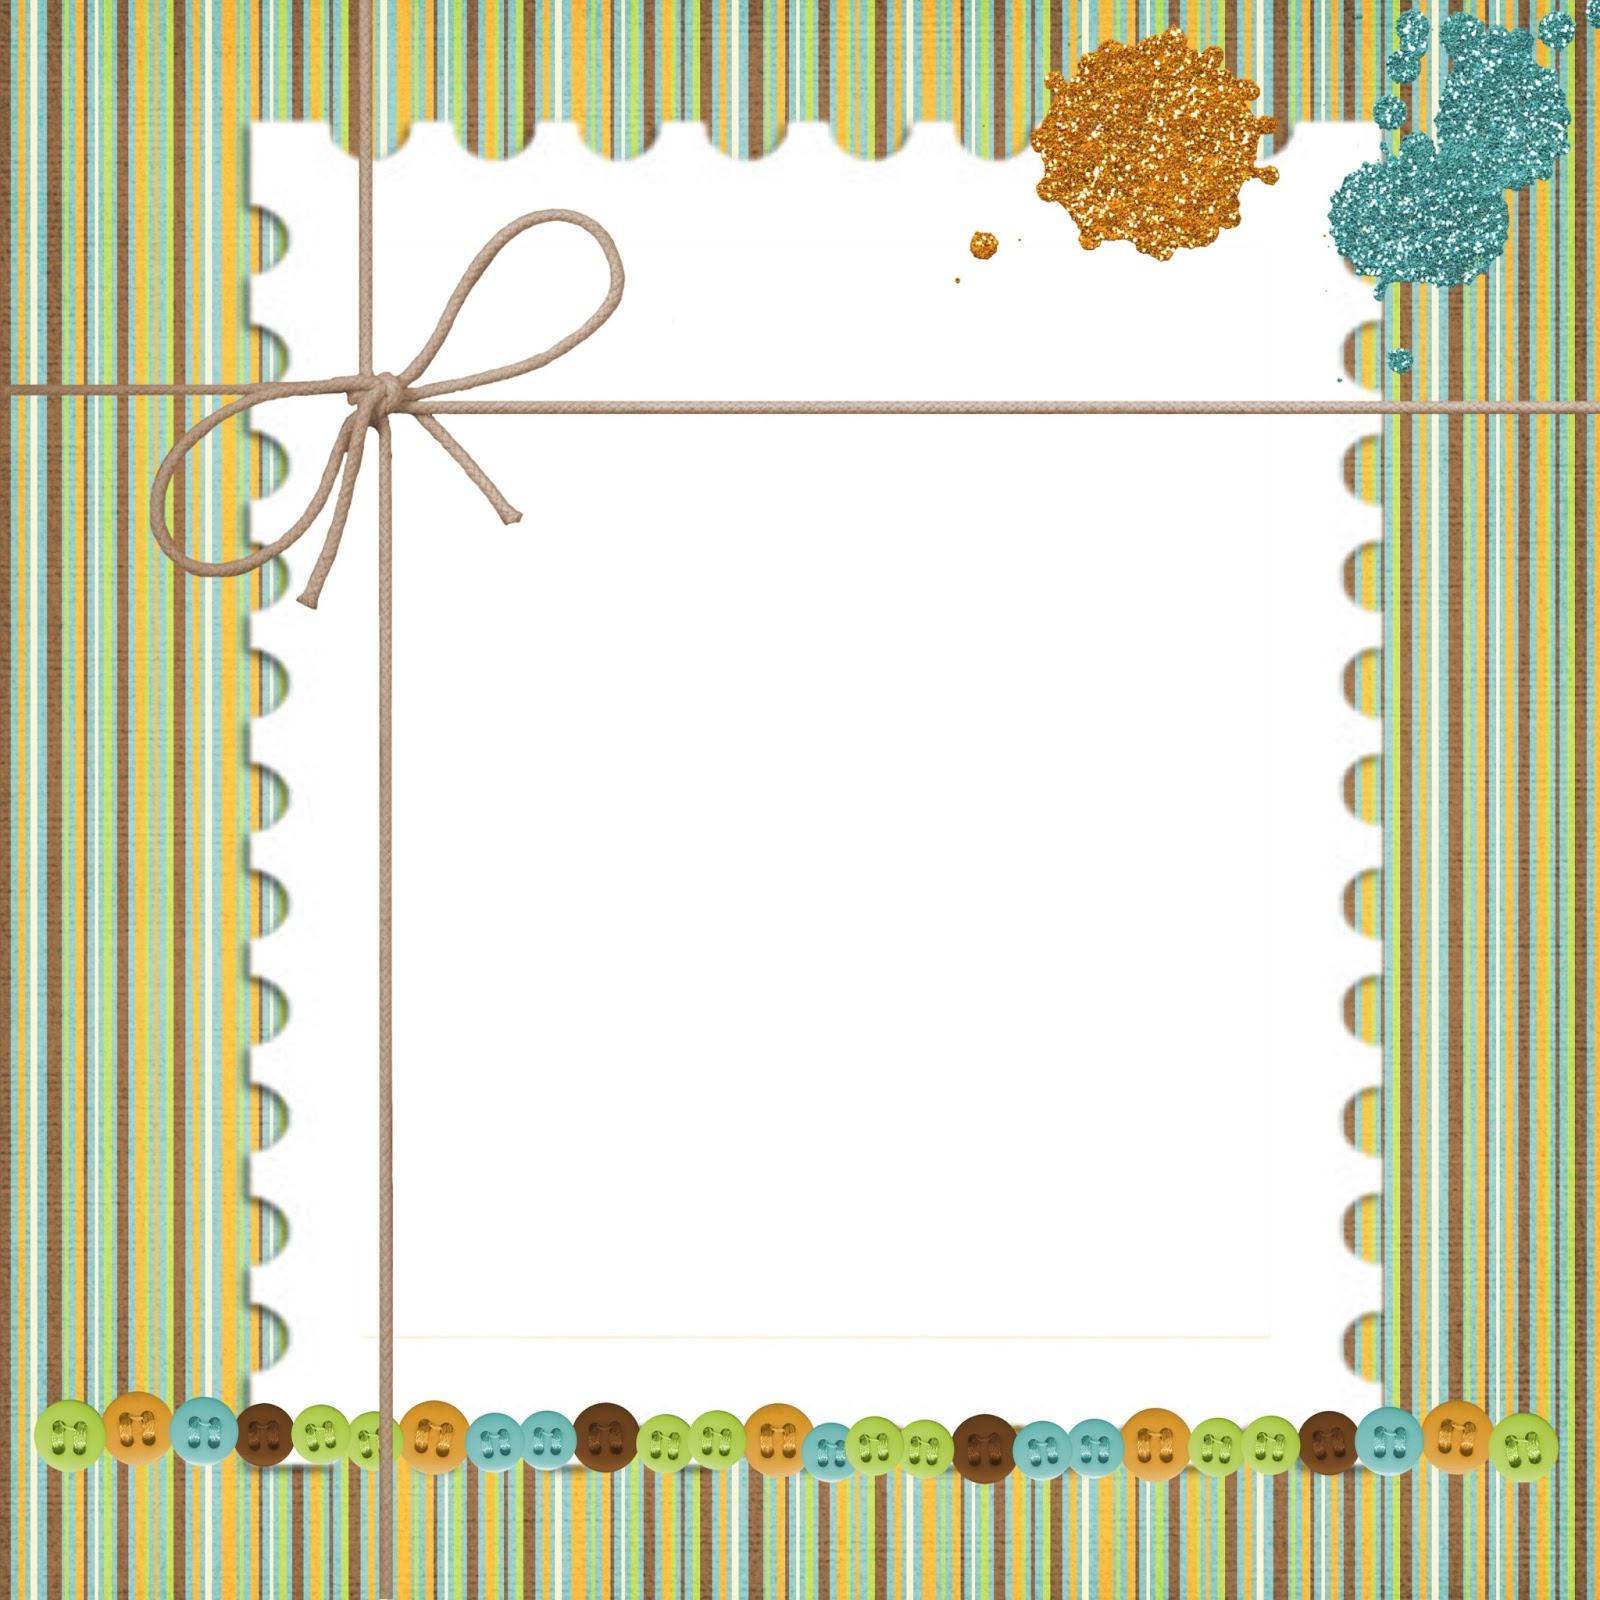 png рамки для фотографий: Рамки для праздников и любых ...: http://png-frames.blogspot.com/2013/02/png_1466.html